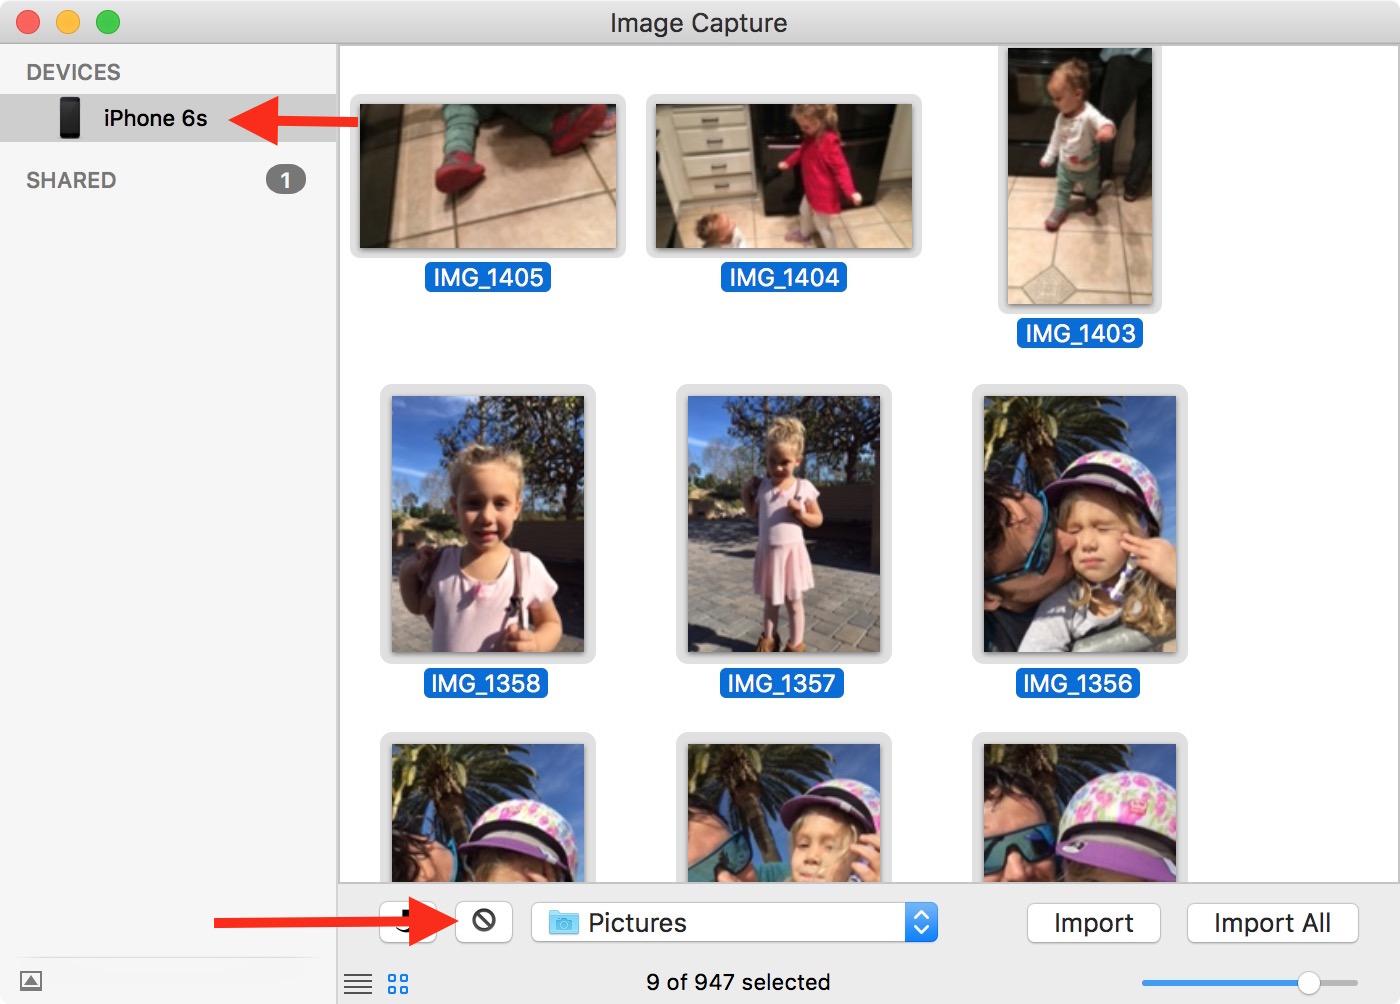 Eliminar todas las fotos en Captura de imagen